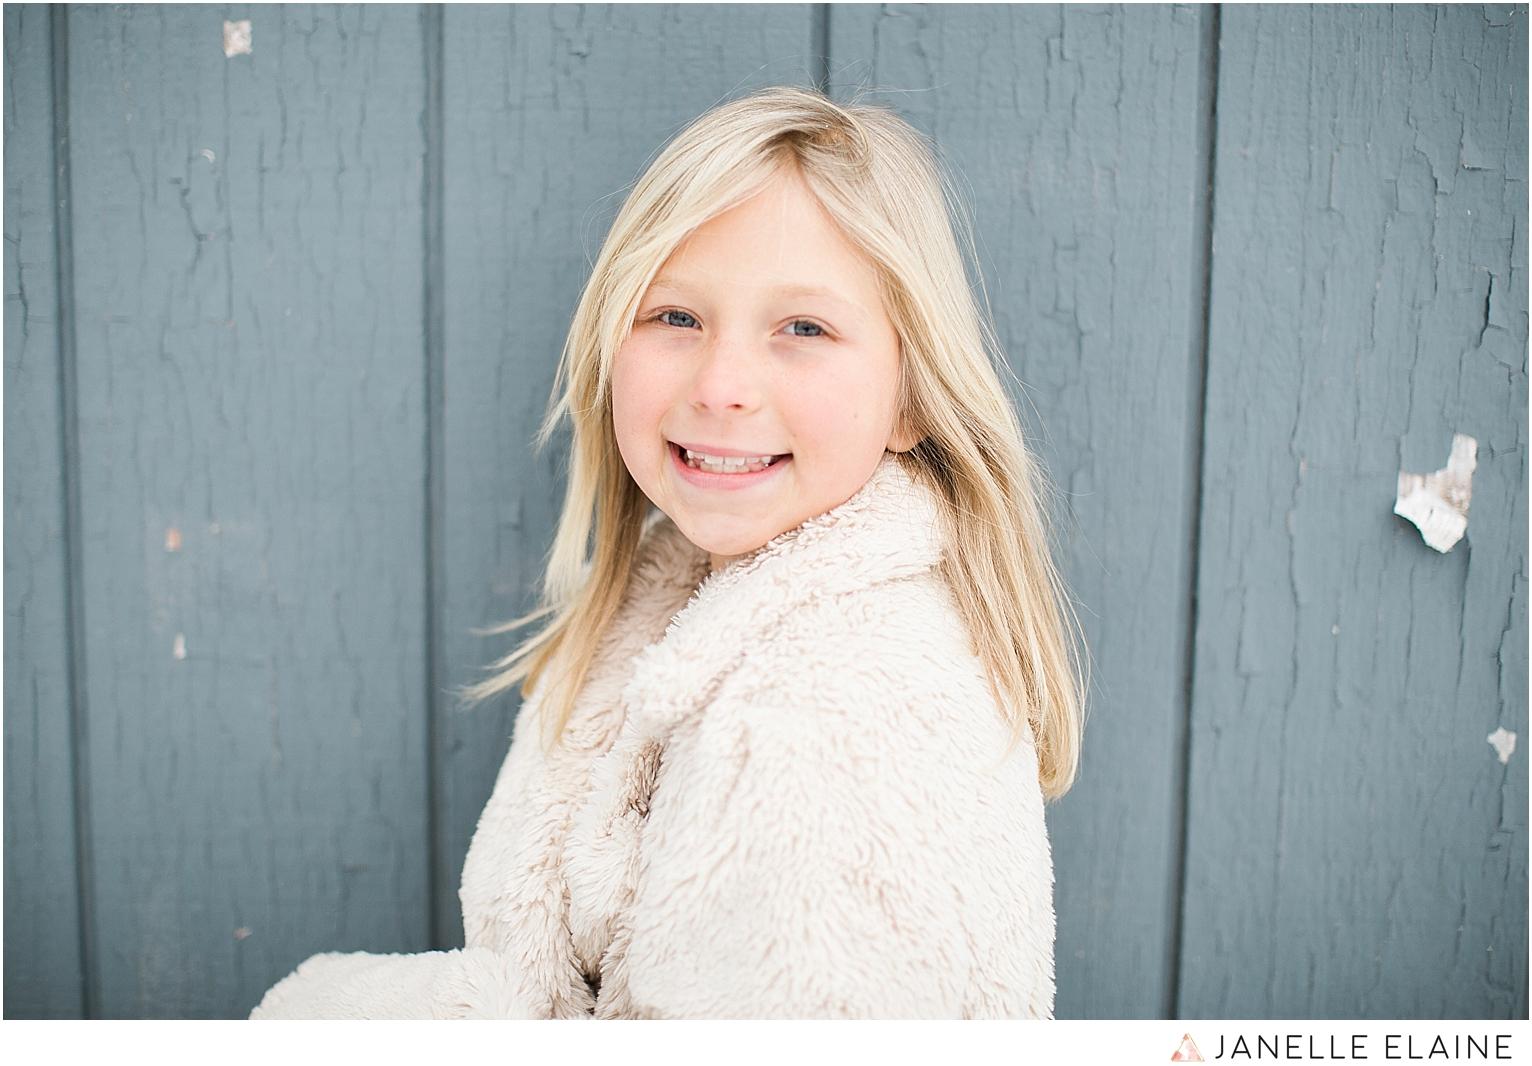 seattle-washington lifestyle photographer-janelle elaine-callie and char-34.jpg